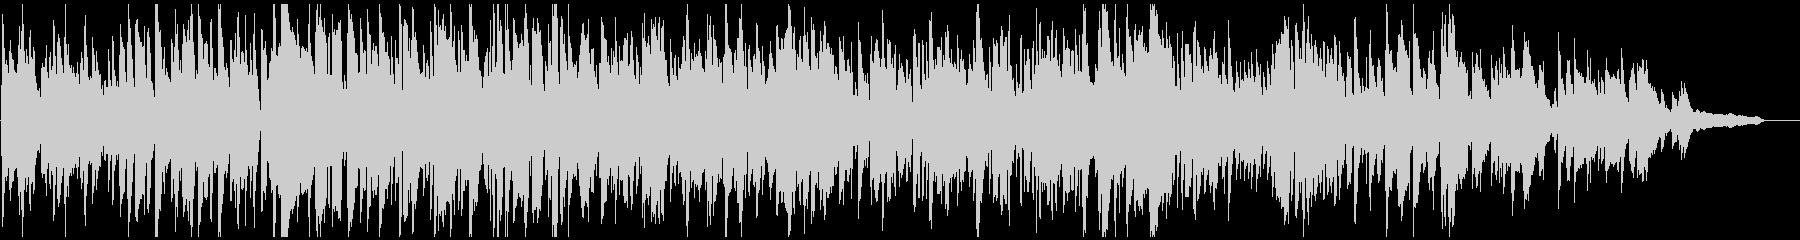 テナーサックス生演奏のボサノバ・ジャズの未再生の波形